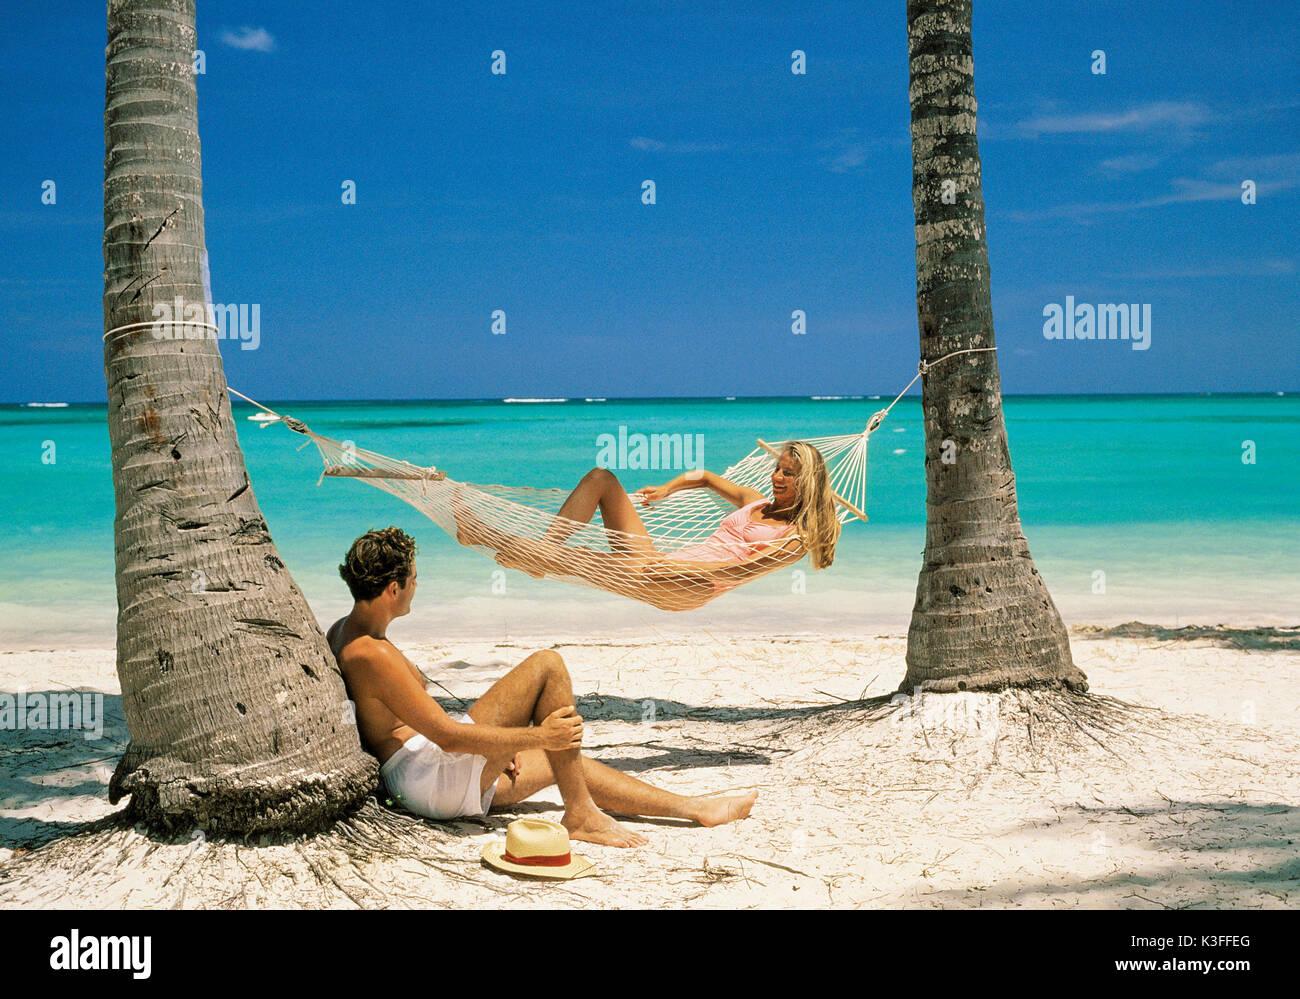 Le coppie in spiaggia con amaca Immagini Stock